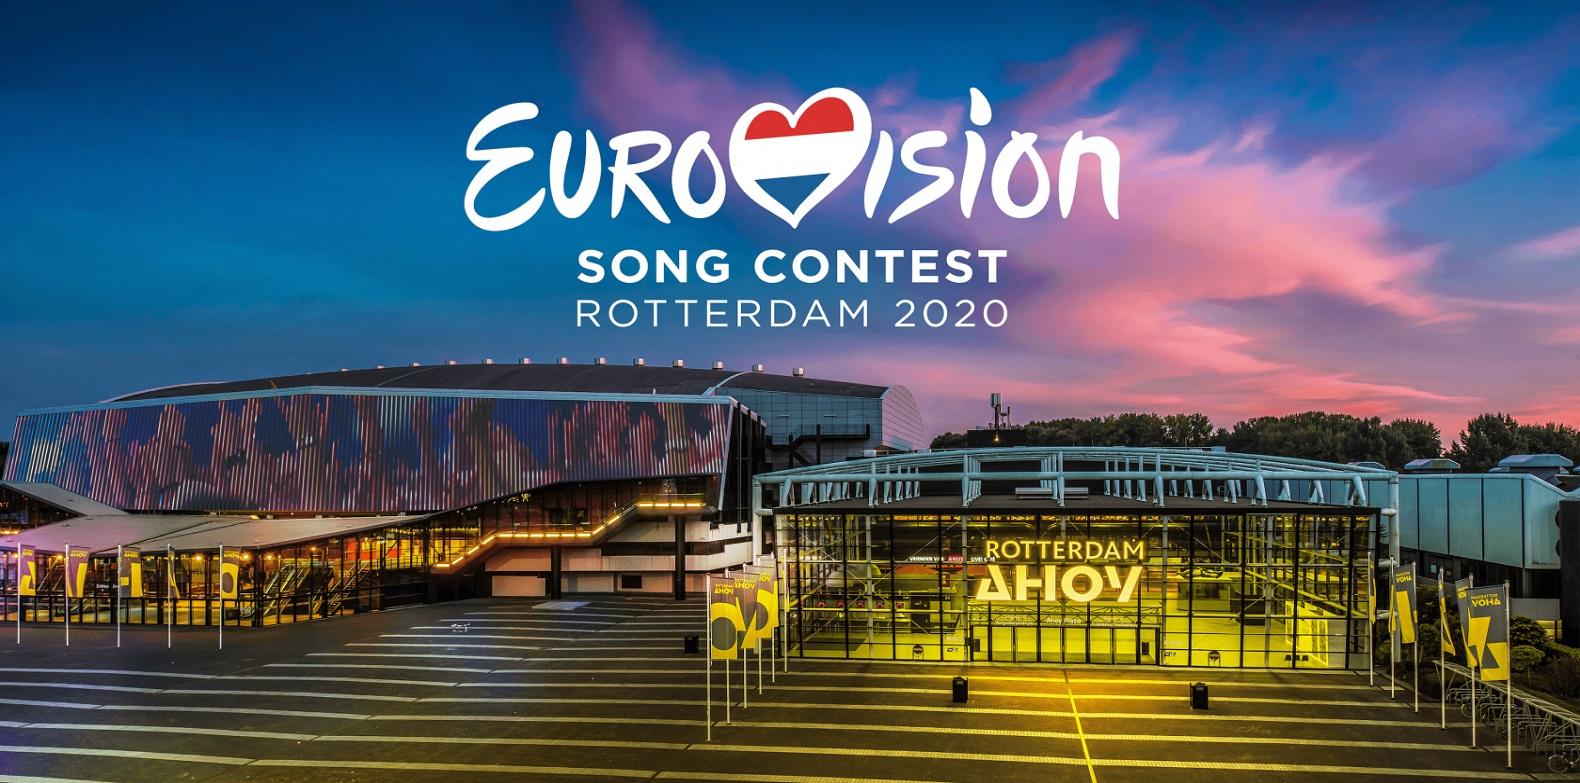 Ετοιμάζουν την εκπομπή για τη Eurovision με πρόσωπο έκπληξη στην παρουσίαση - Φωτογραφία 1